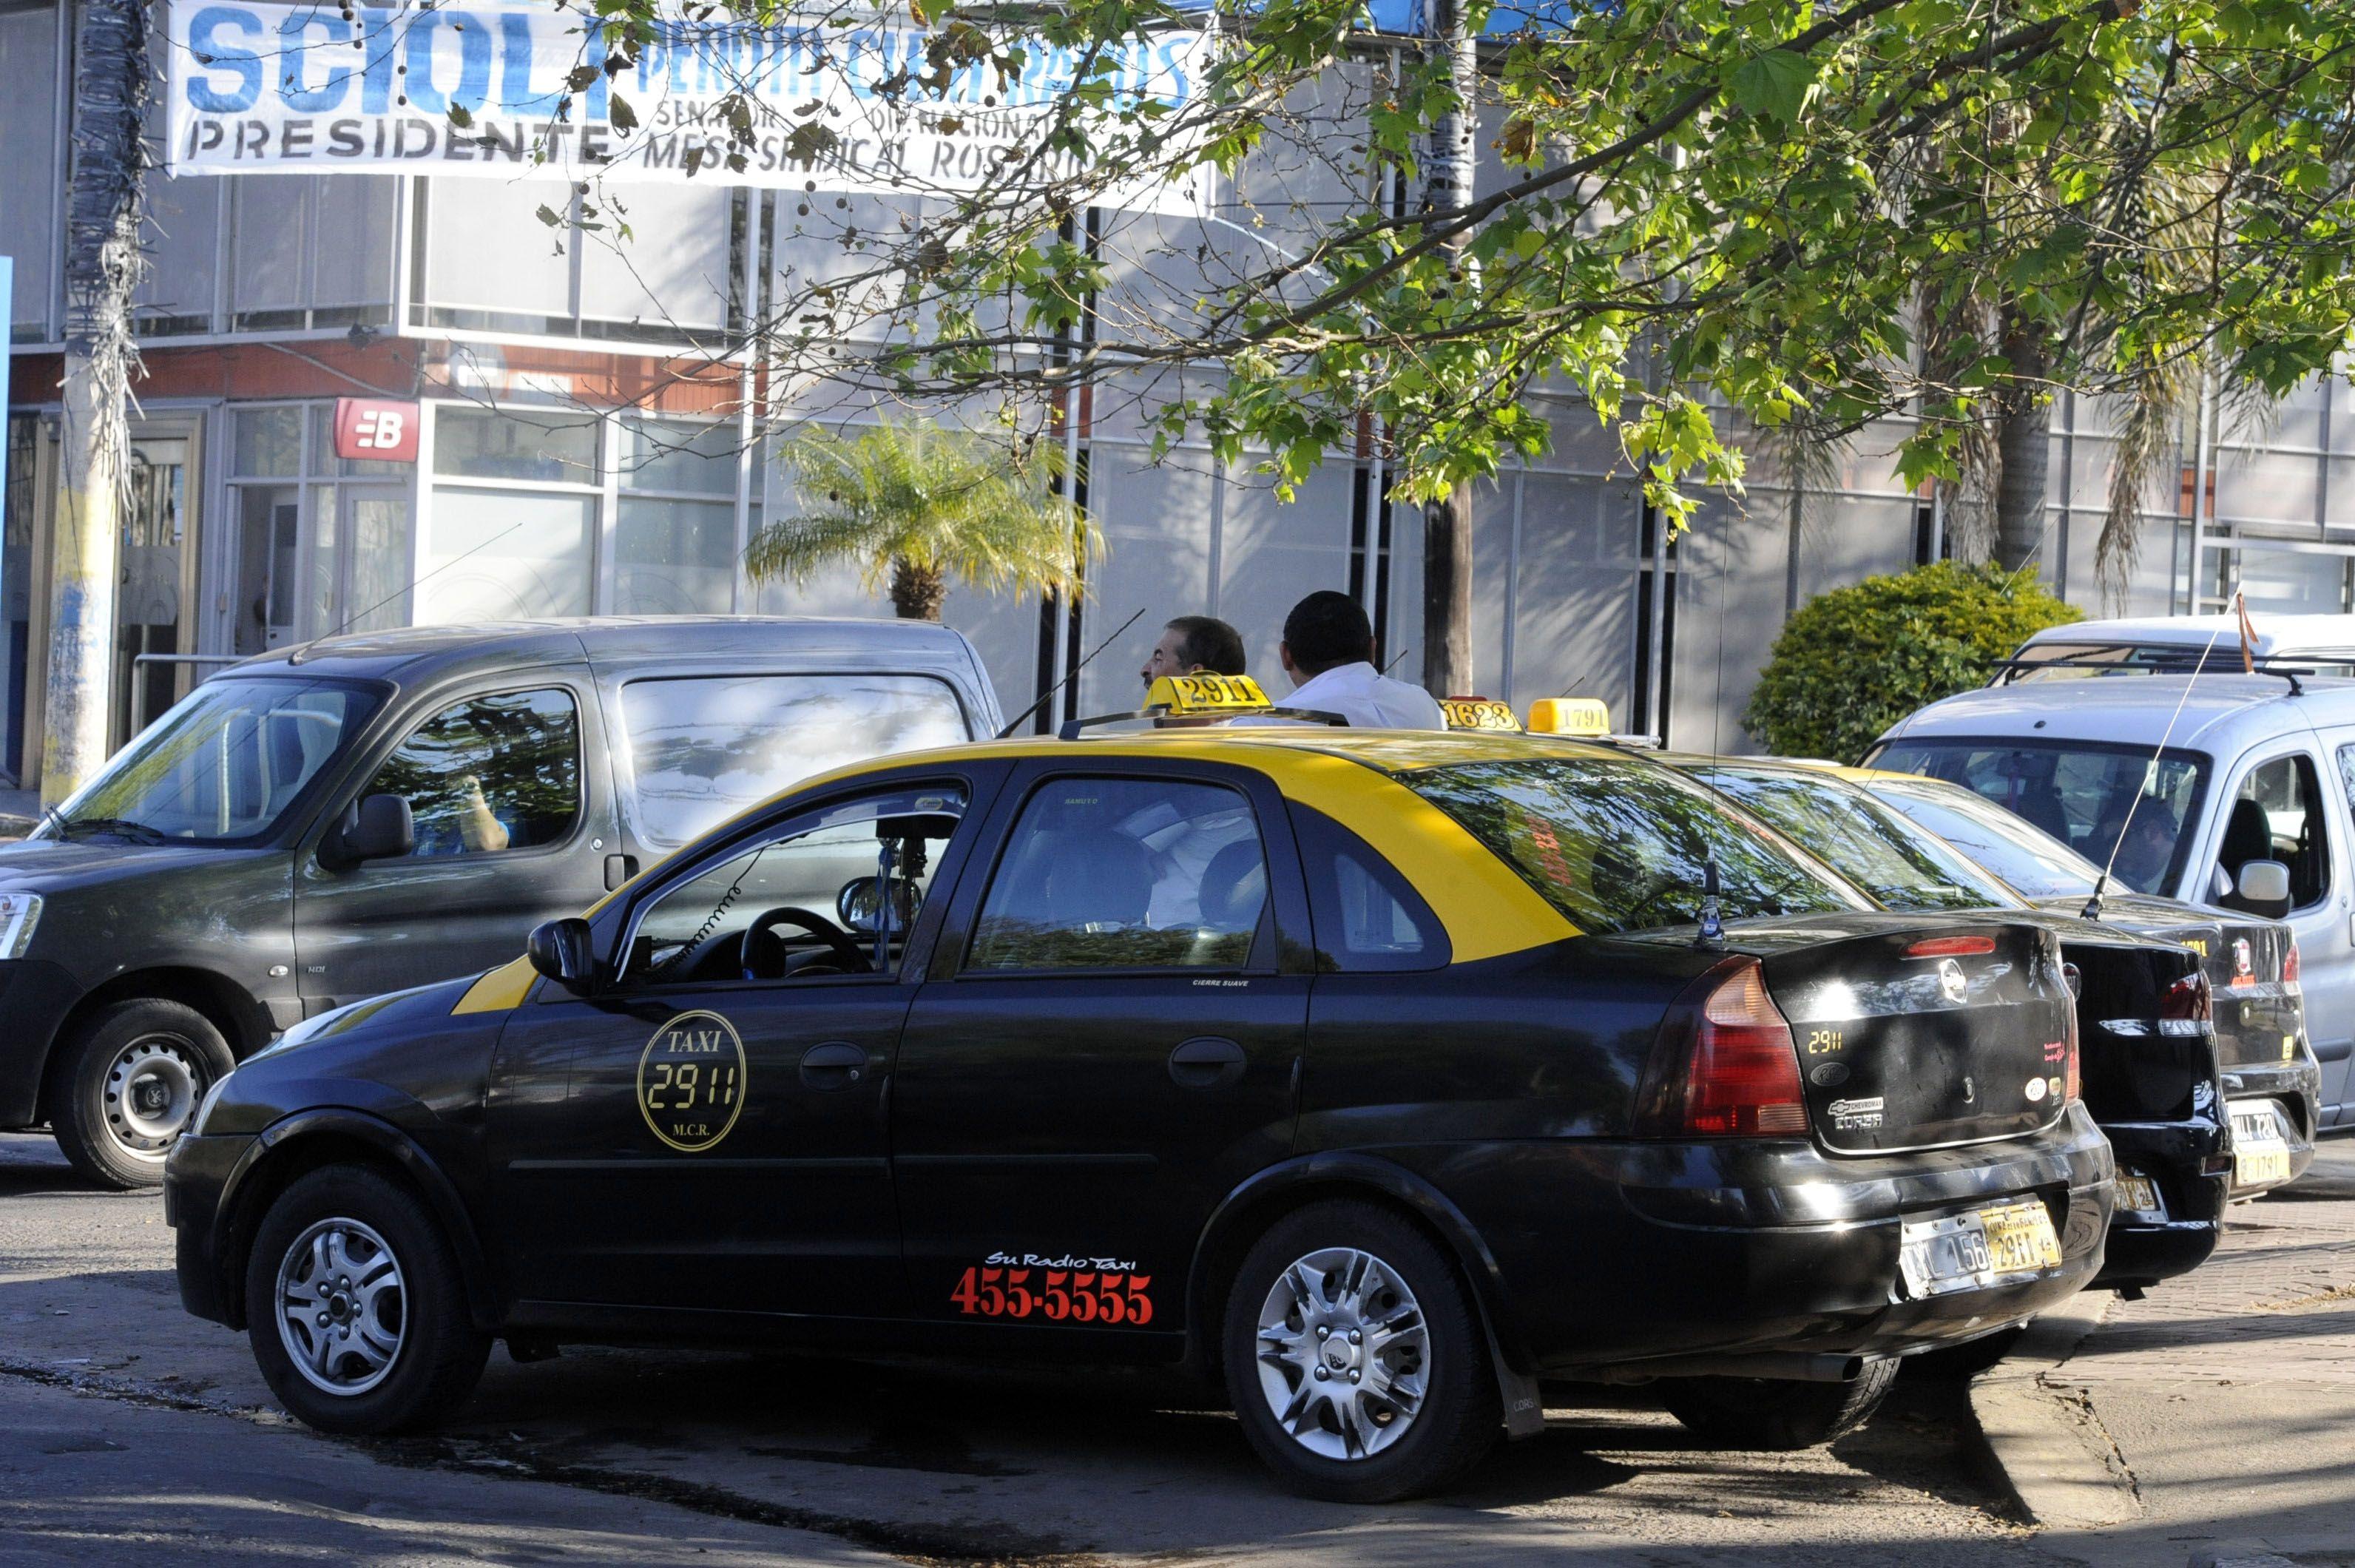 Es mentira que con el pago de la tarjeta se termina la inseguridad en los taxis